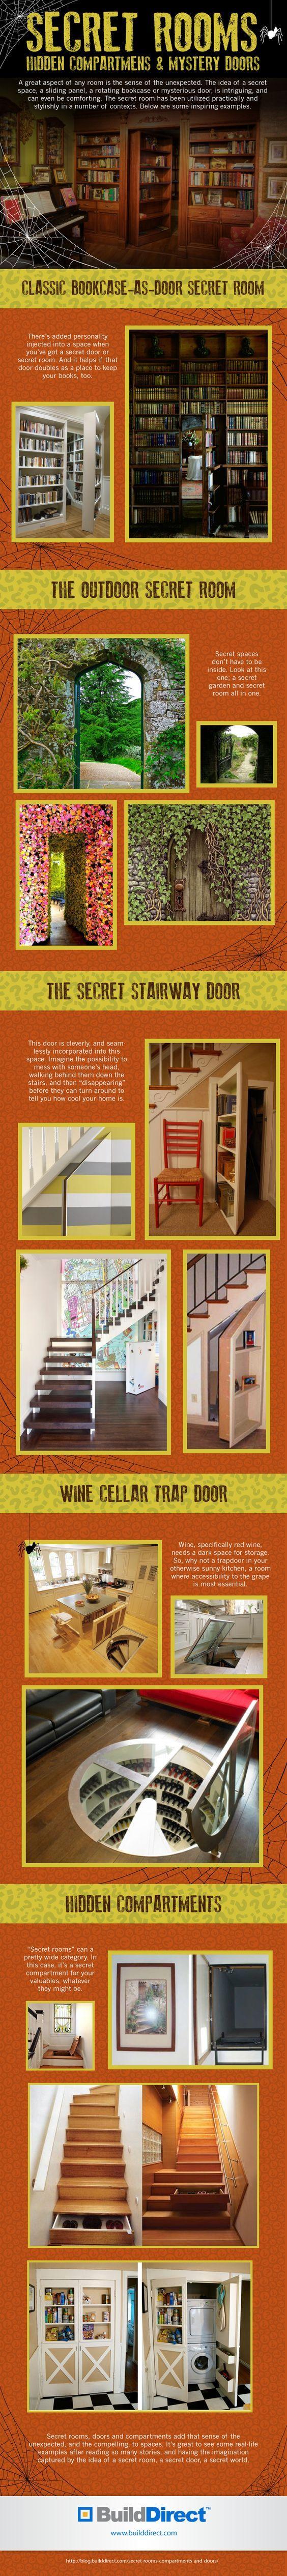 Secret Rooms Compartments Doors copy Secret Rooms, Hidden Compartments & Mystery Doors